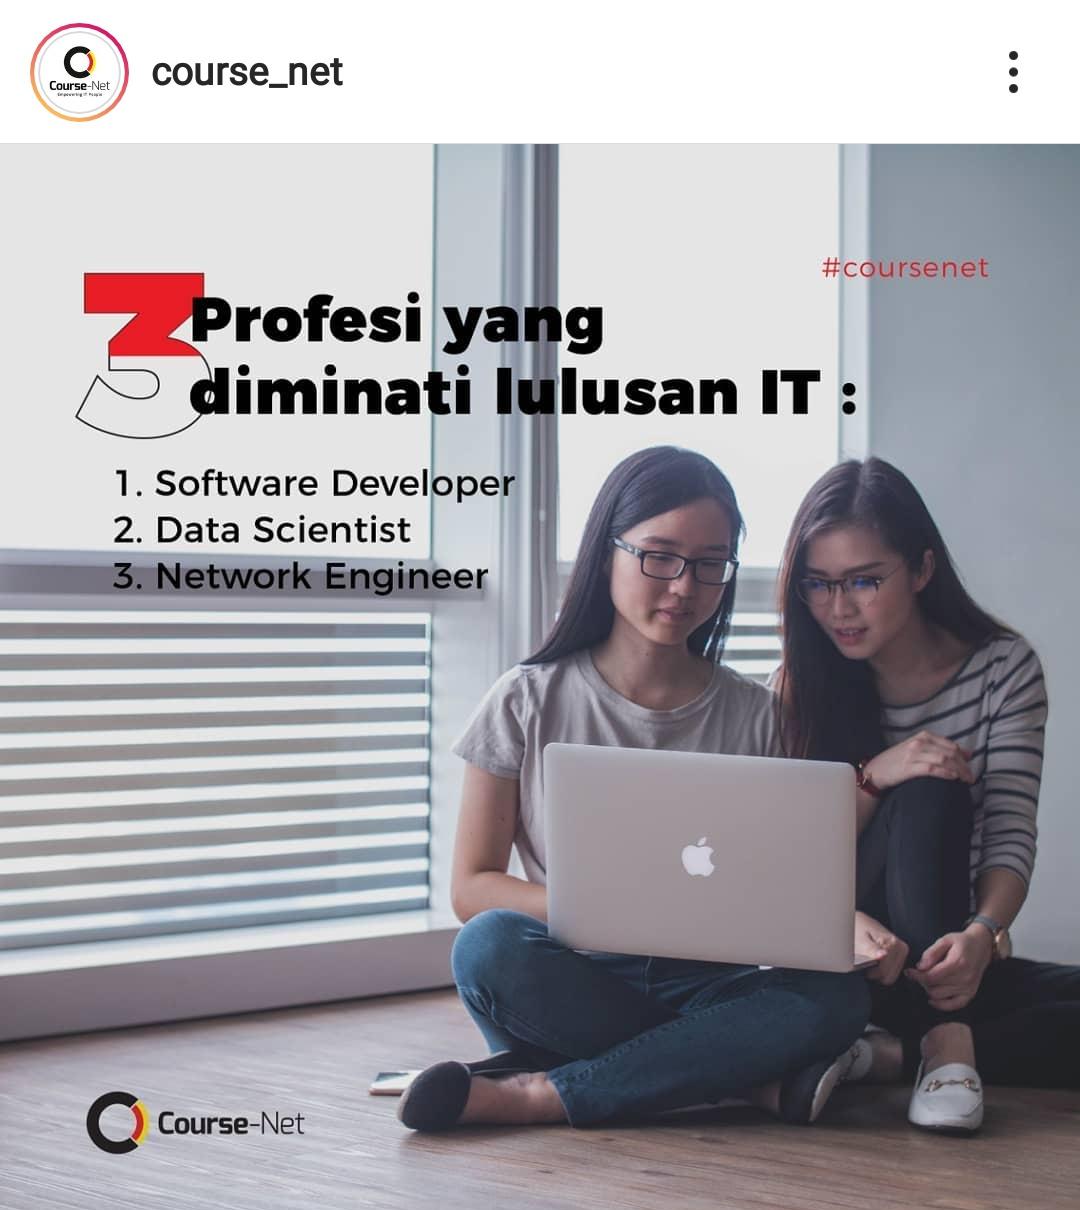 Course-Net bantu kita mempelajari program studi IT